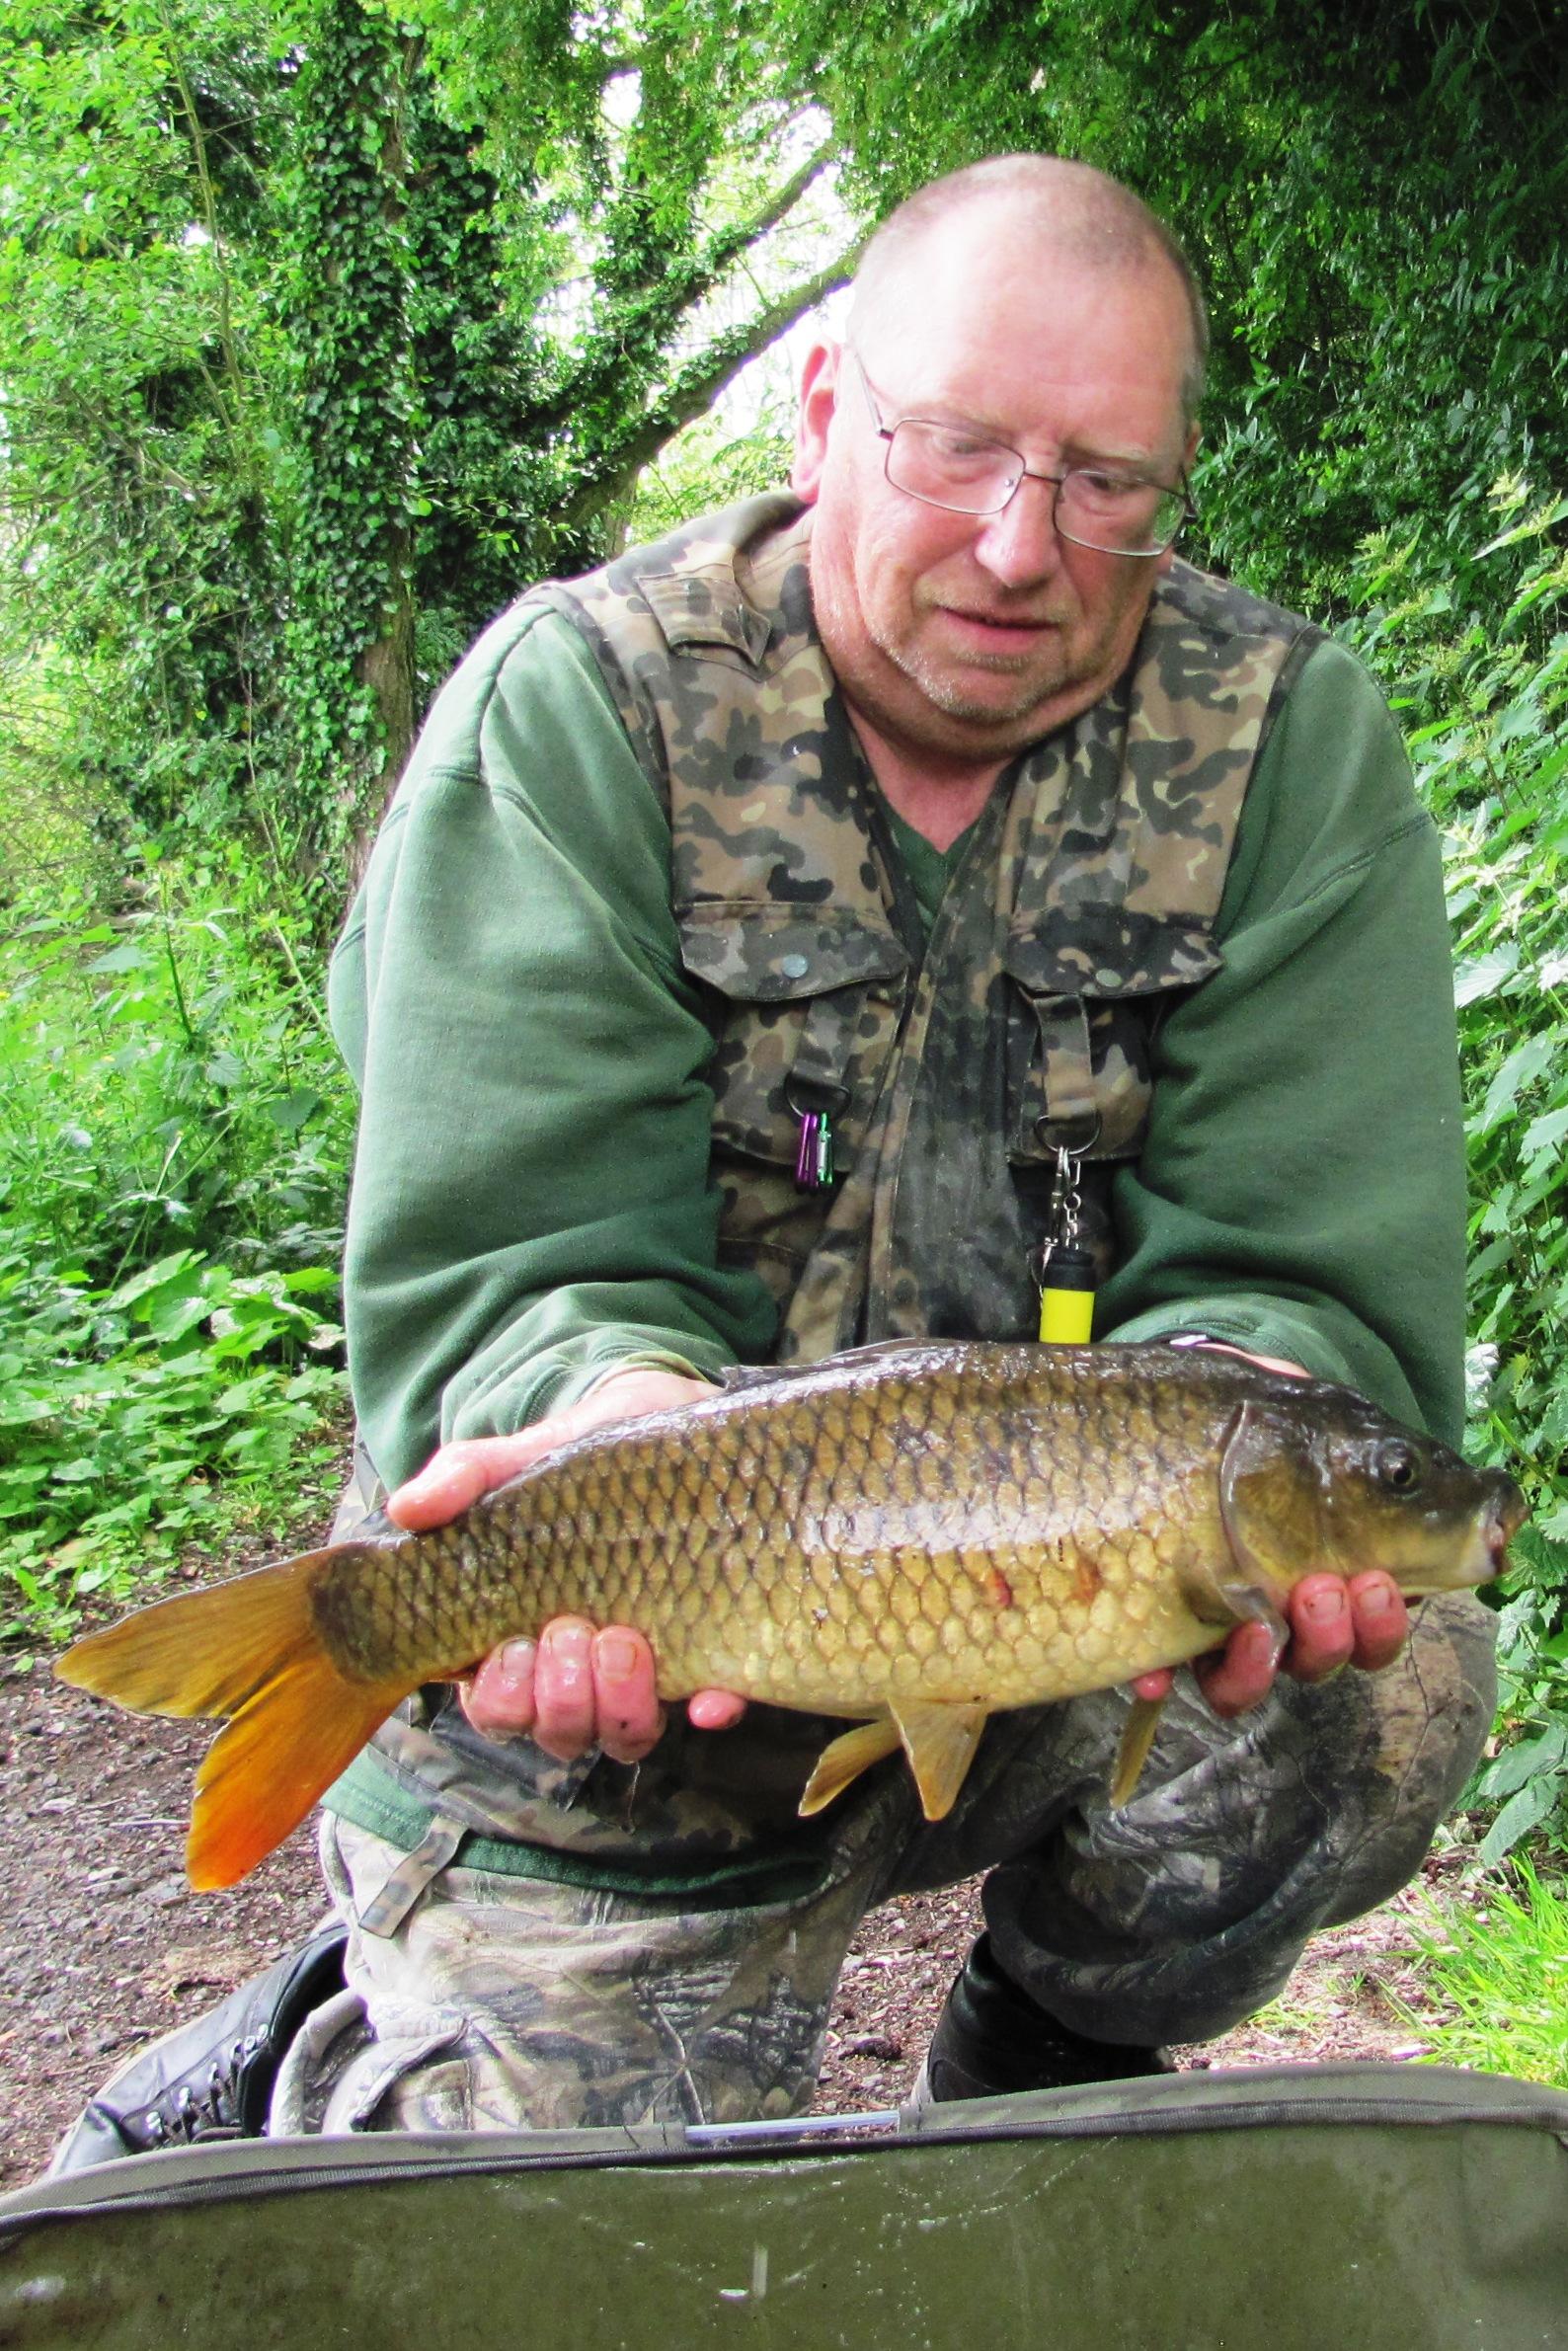 2021-05-07 Steve - 4lb 6oz Common Carp